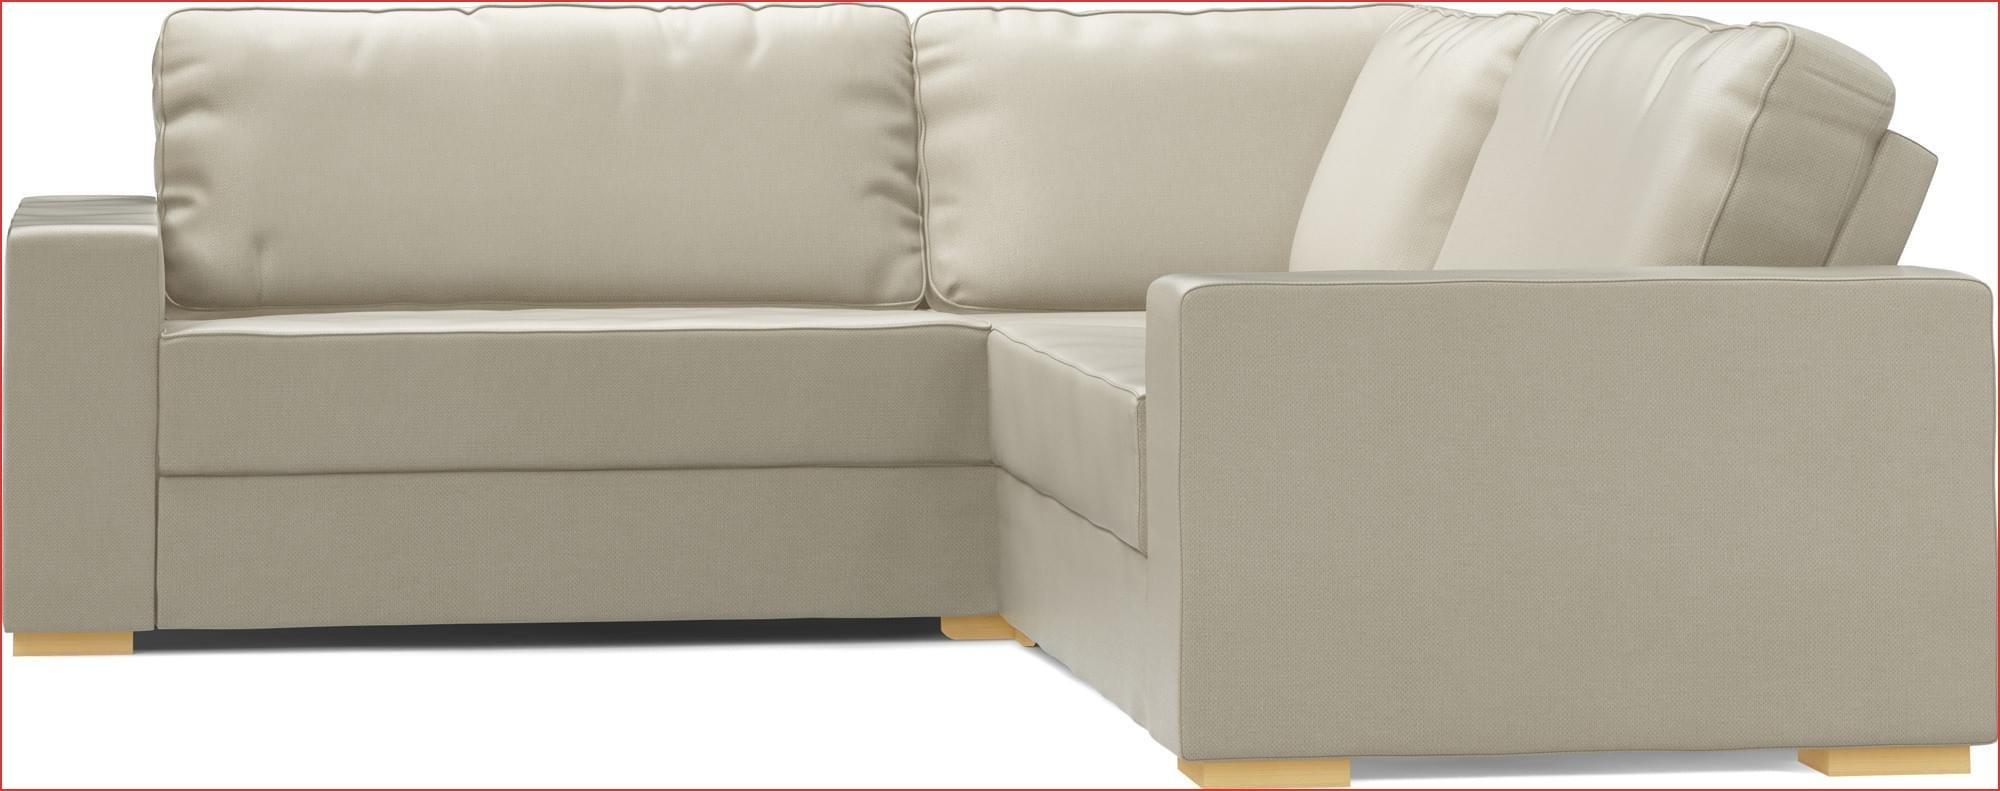 2X2 Corner Sofa Beautiful Xia 2X2 Corner Sofa Custom Made Corner Within 2X2 Corner Sofas (View 7 of 21)